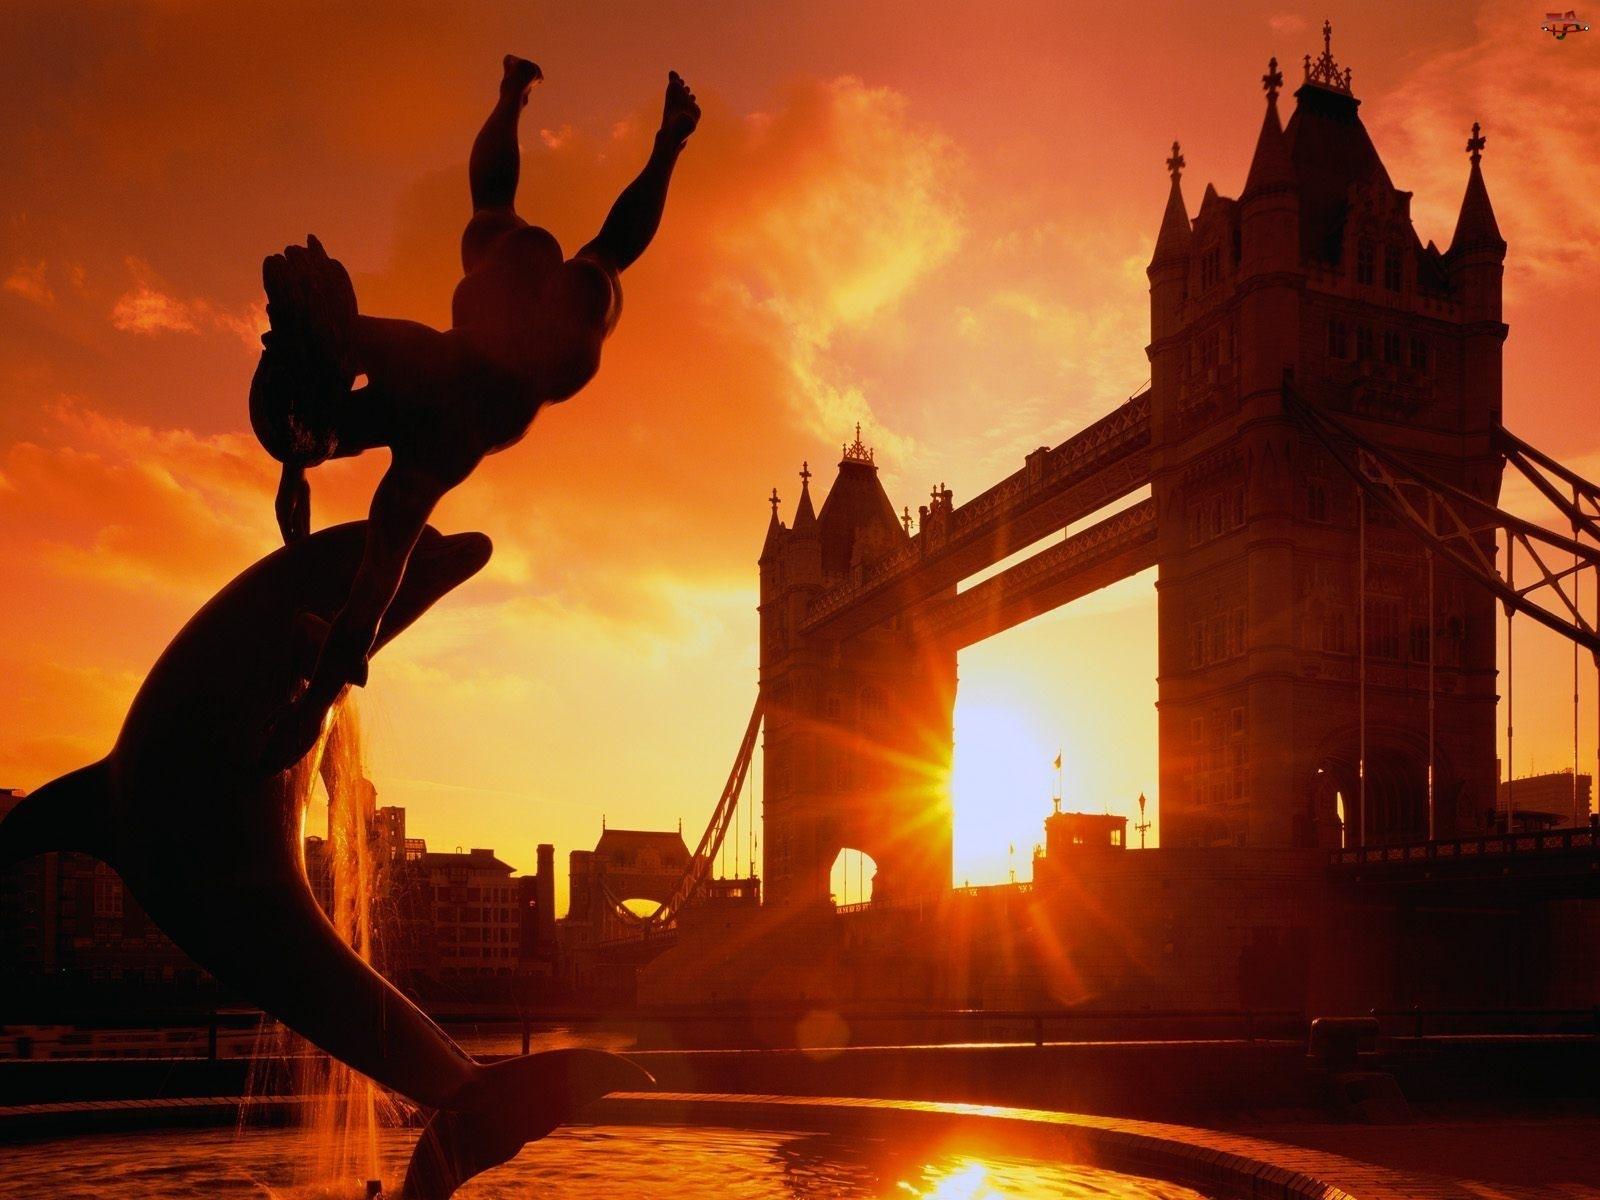 Tower, Słońca, Londyn, Zachód